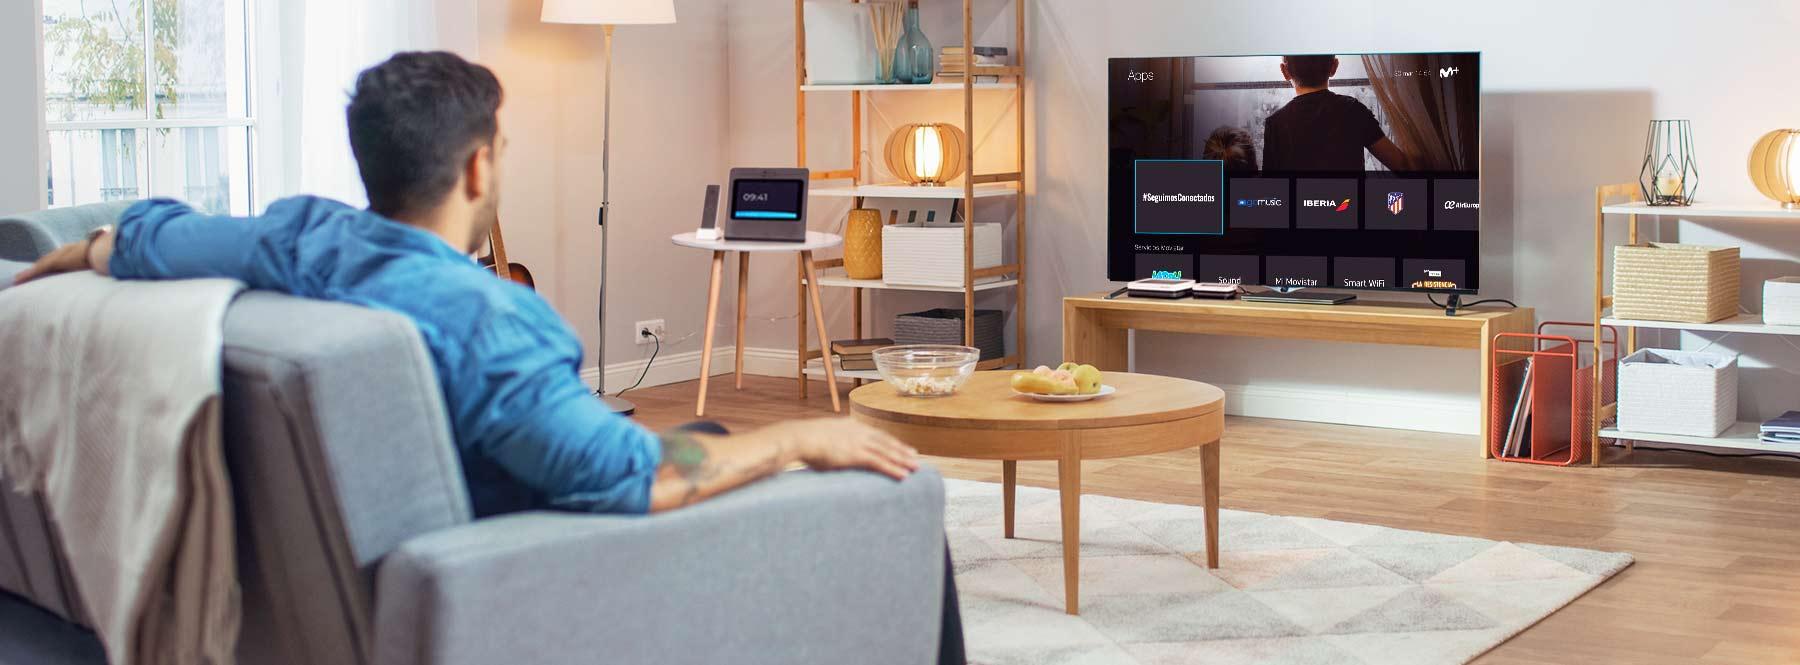 Làm thế nào để sống trong một ngôi nhà thông minh hơn, kết nối hơn và kỹ thuật số 4